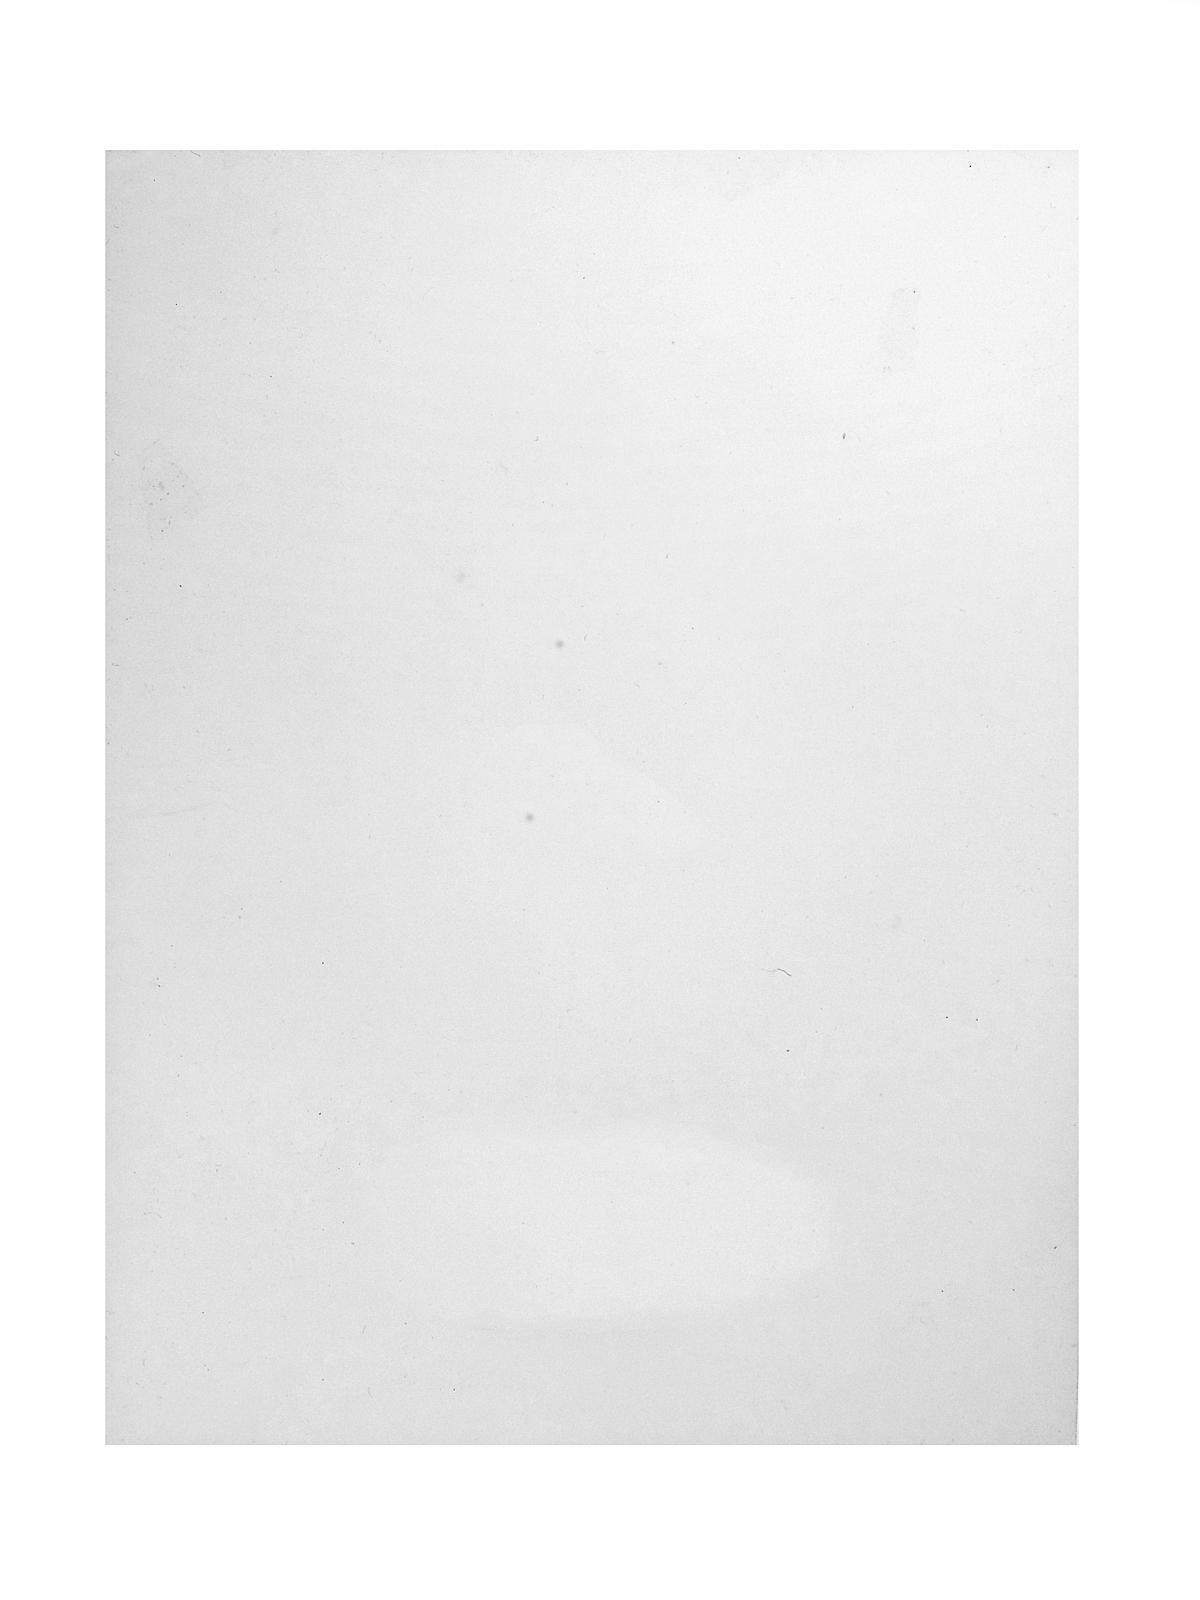 Non-Glare Polystyrene Sheets